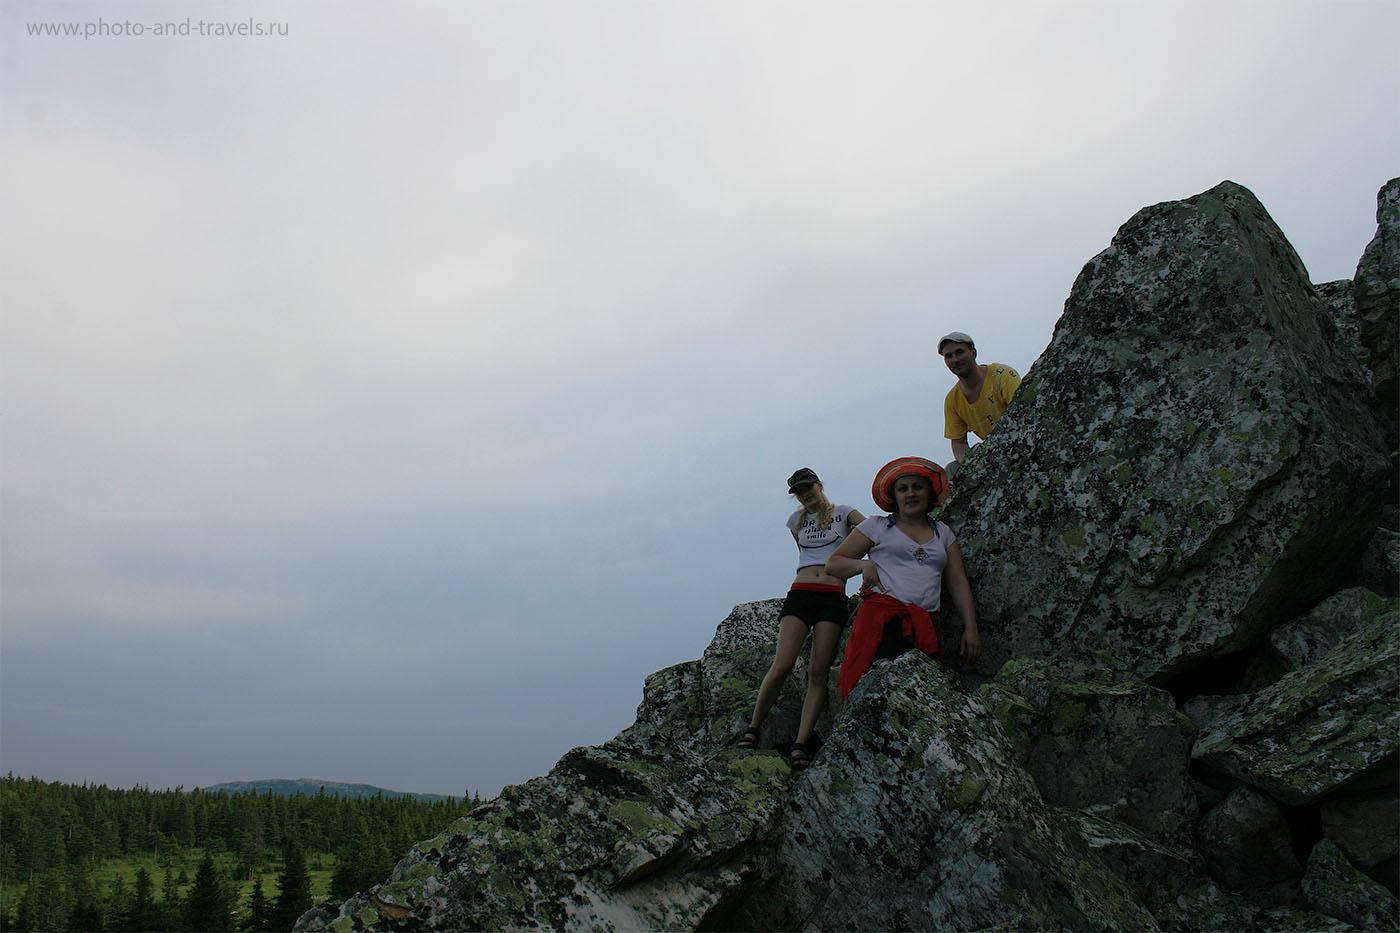 15. На склоне вершины Откликной гребень. Горы на Южном Урале. Природный парк Таганай